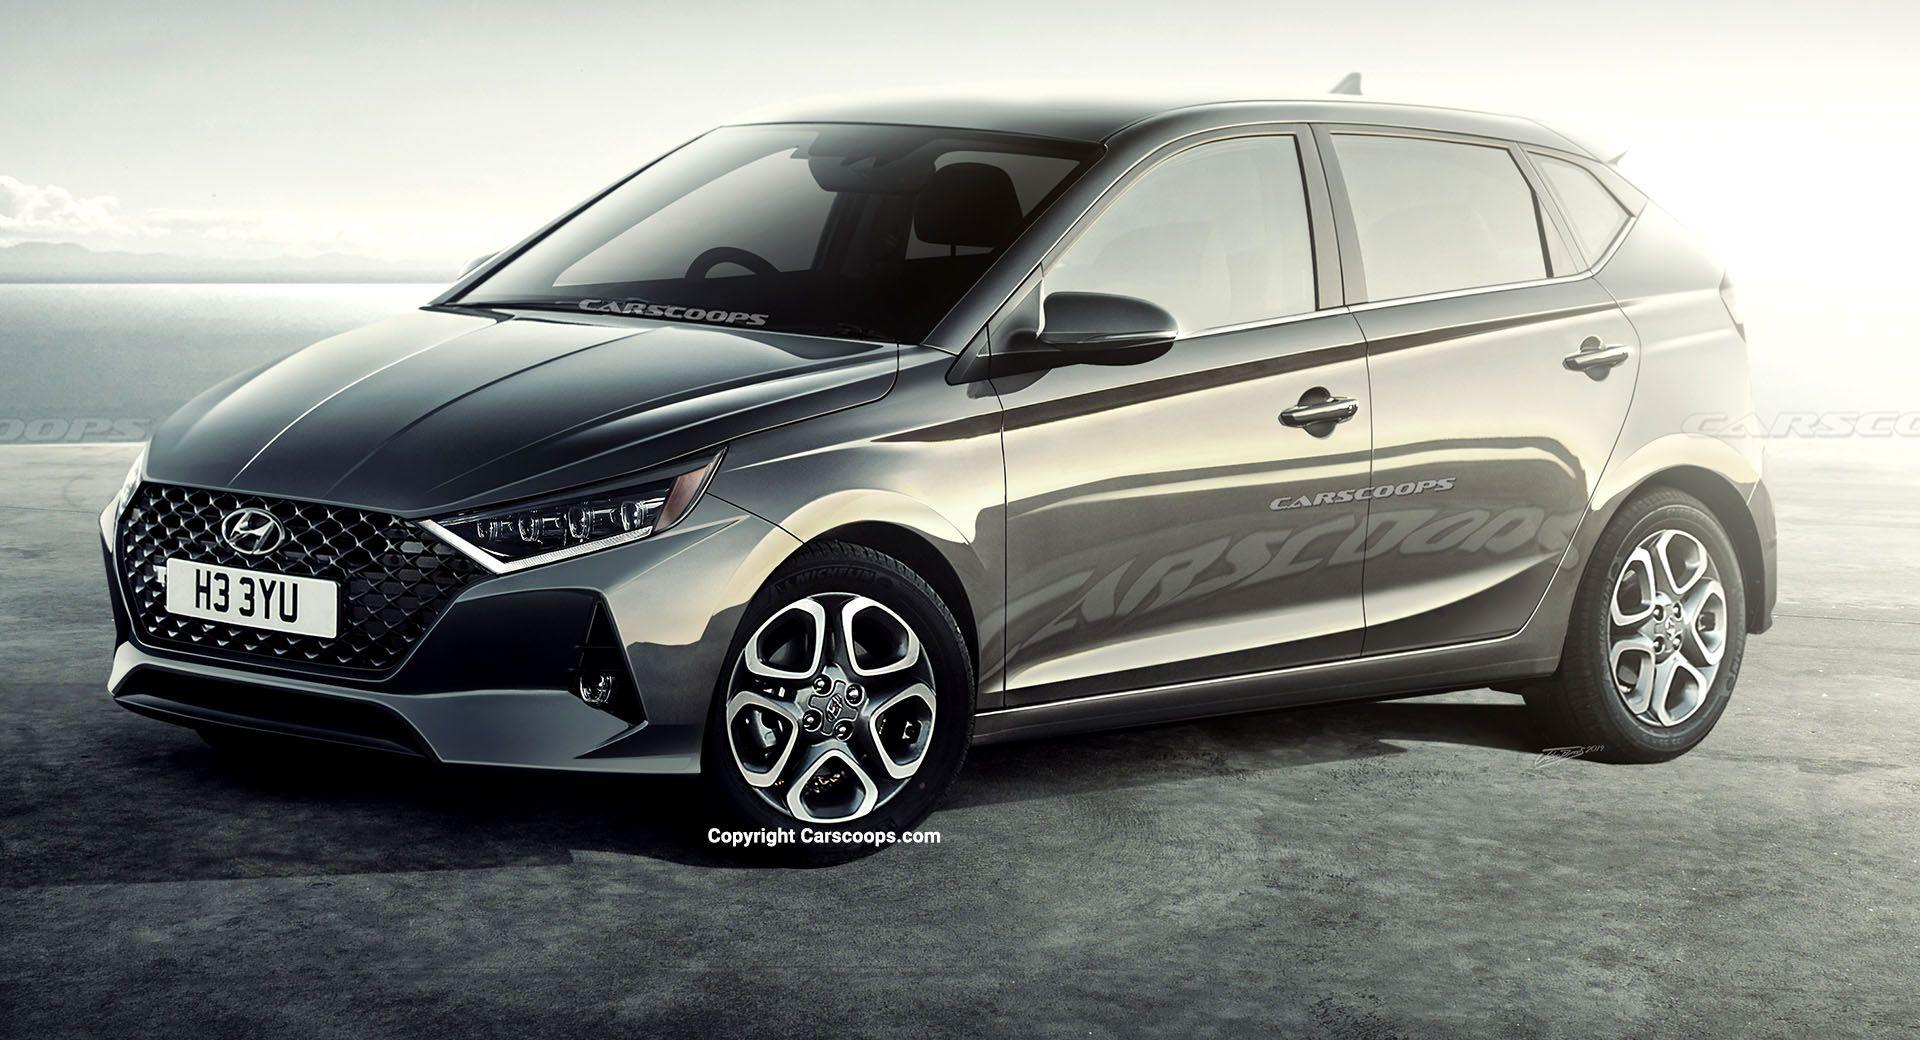 2020 Hyundai I20 Aussehen Antrieb Technik Und Alles Andere Was Wir Wissen Alles Andere Antrieb Aussehen Au Best Luxury Sports Car Honda Jazz Hyundai